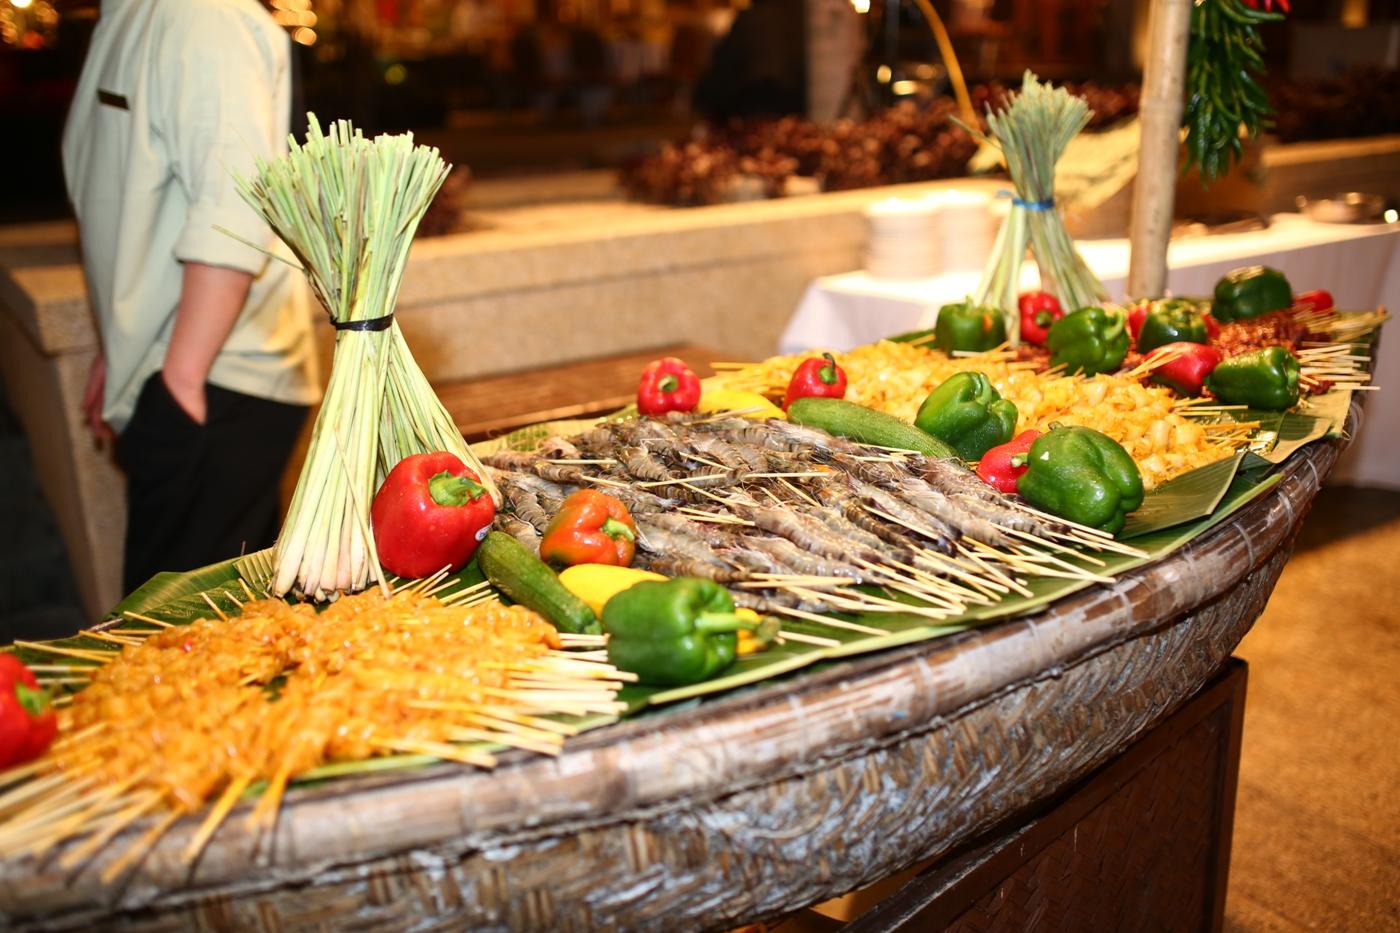 quán ăn phục vụ món ăn đậm chất Việt quận Tân Bình